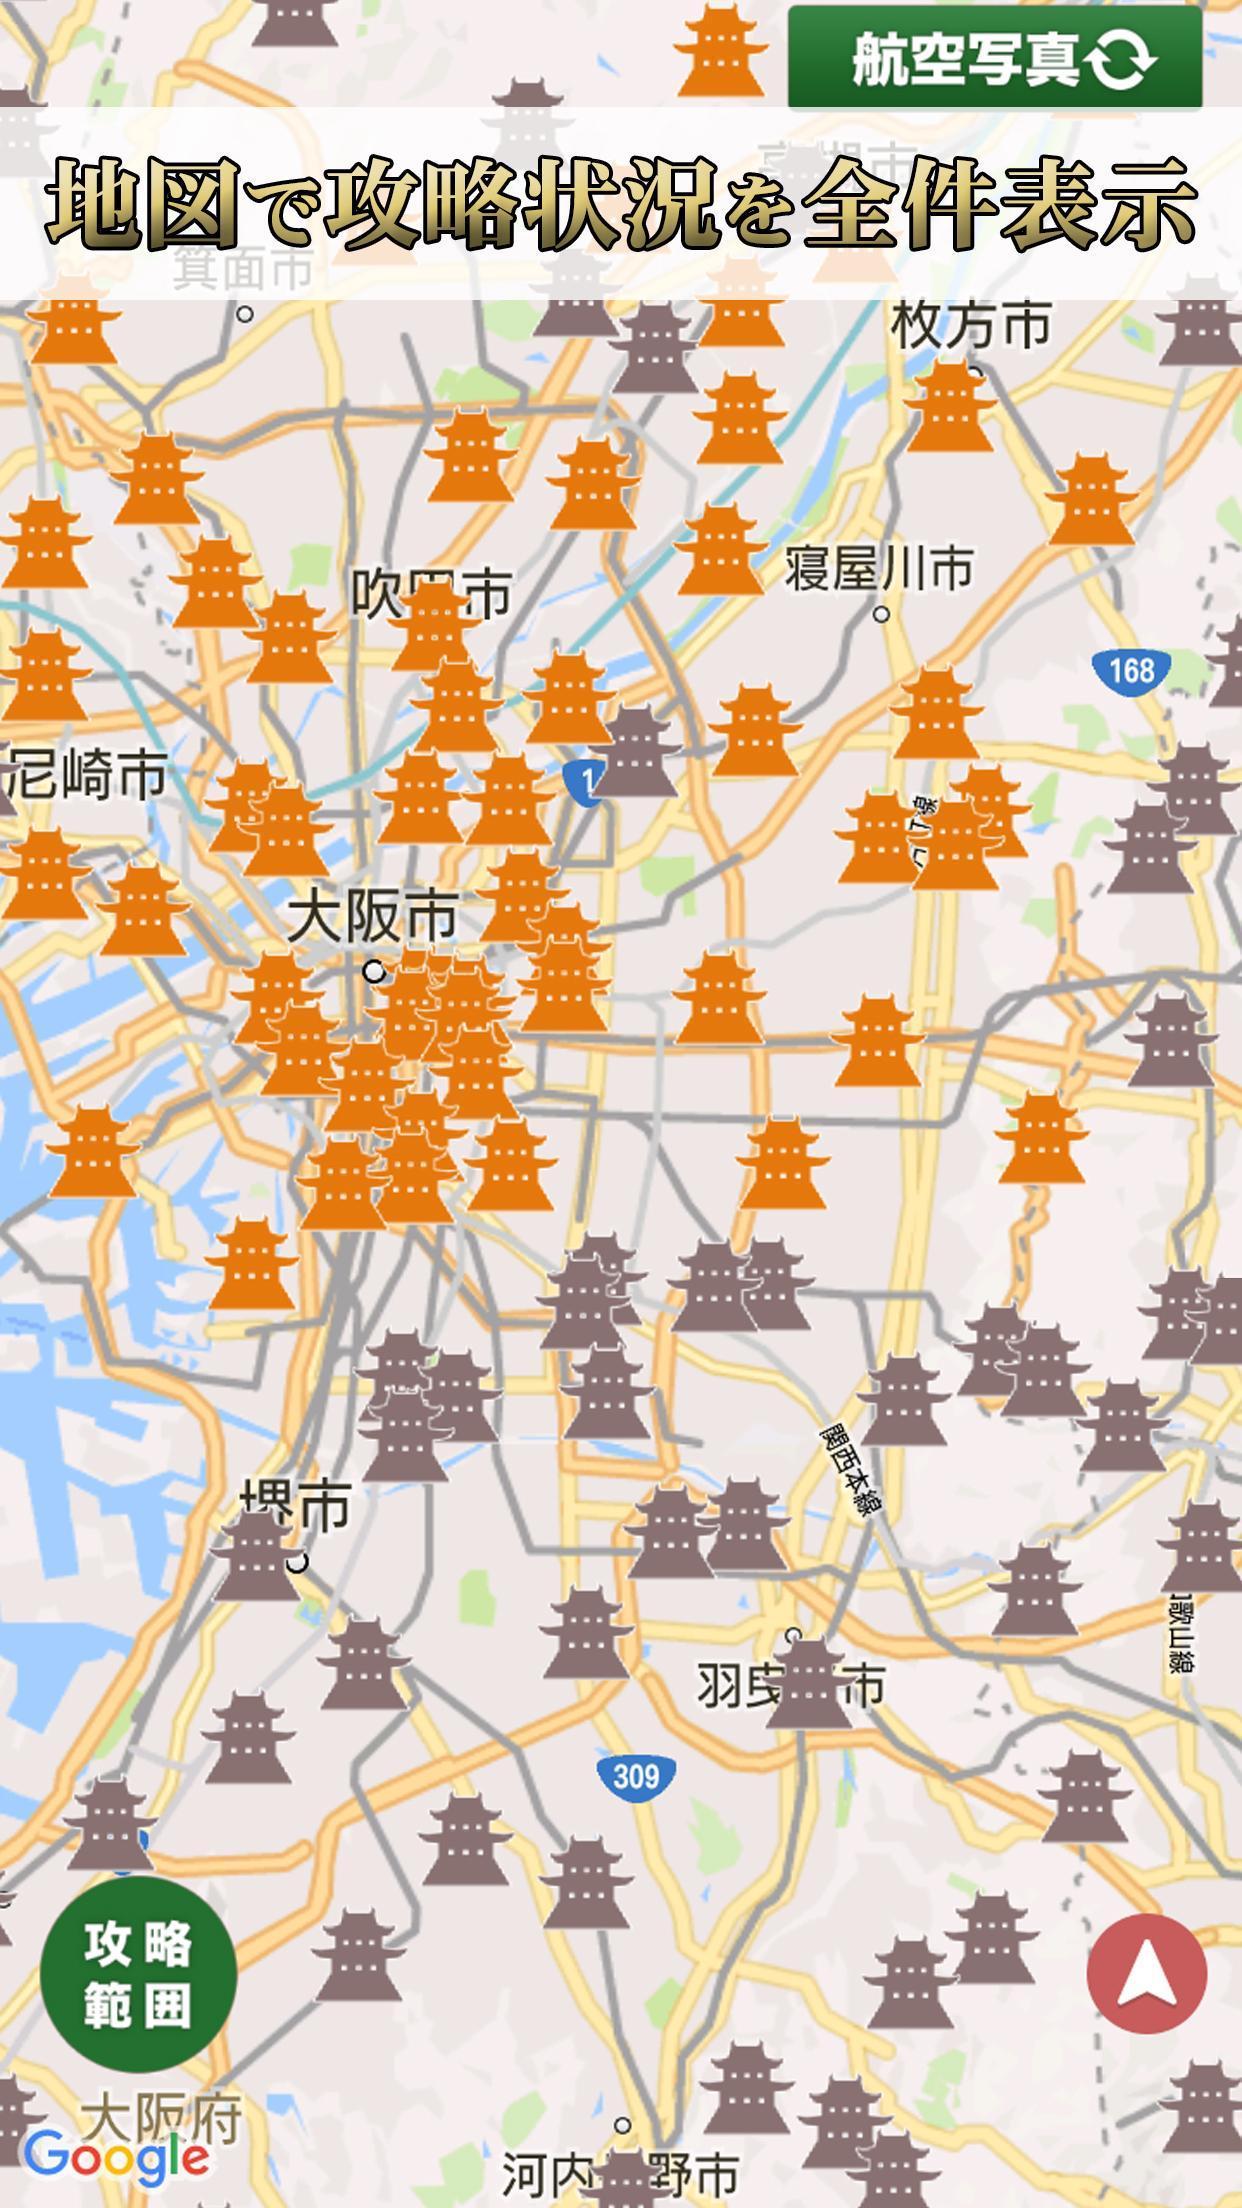 ニッポン城めぐり(無料スタンプラリー・戦国位置ゲーム) 4.6.1 Screenshot 11